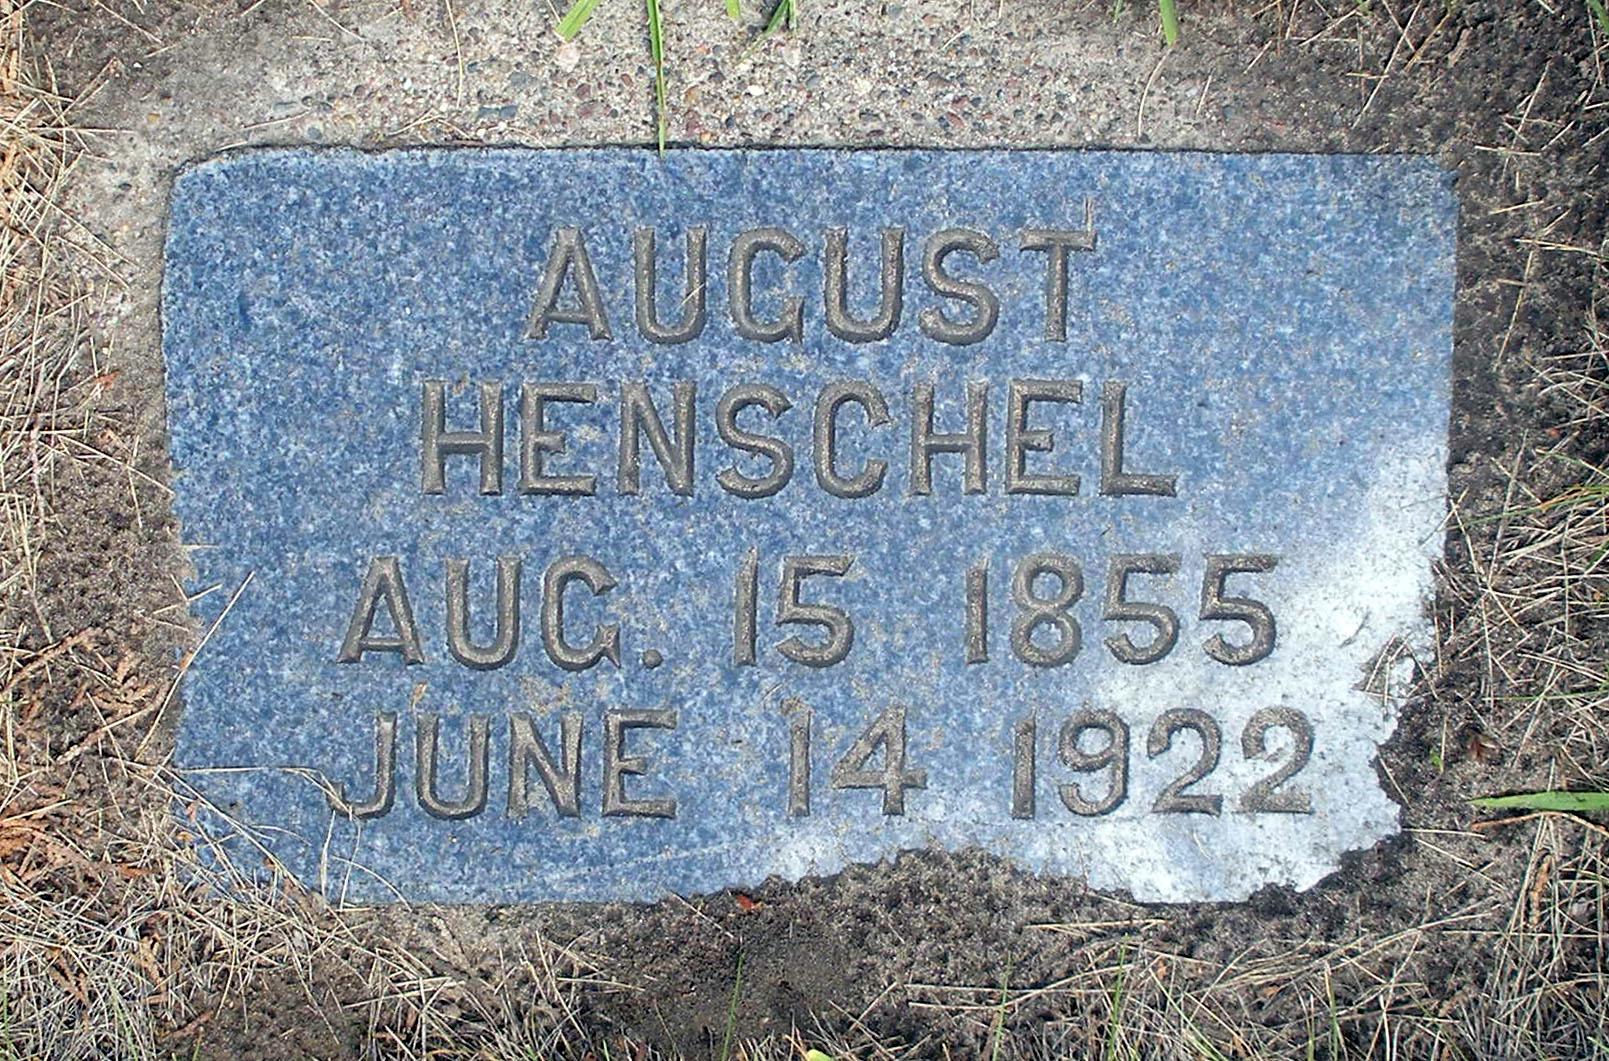 August Henschel